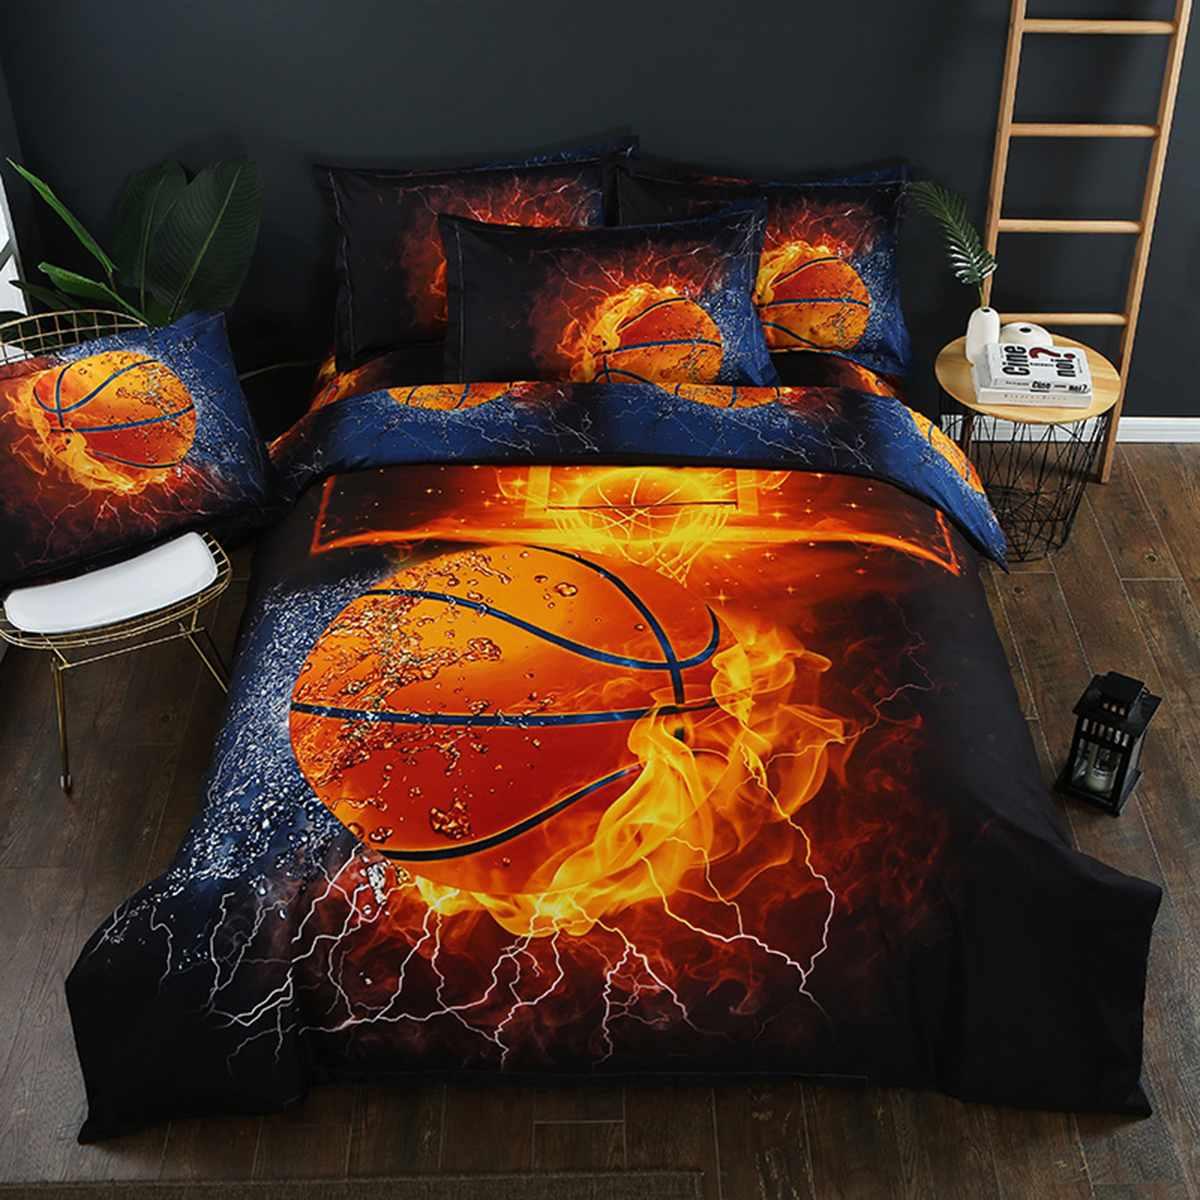 3pcs/set Duvet Cover 220x240cm Basketball Printed Double Pillow Case Single Quilt Bedding Home Textile Duvet Cover Set